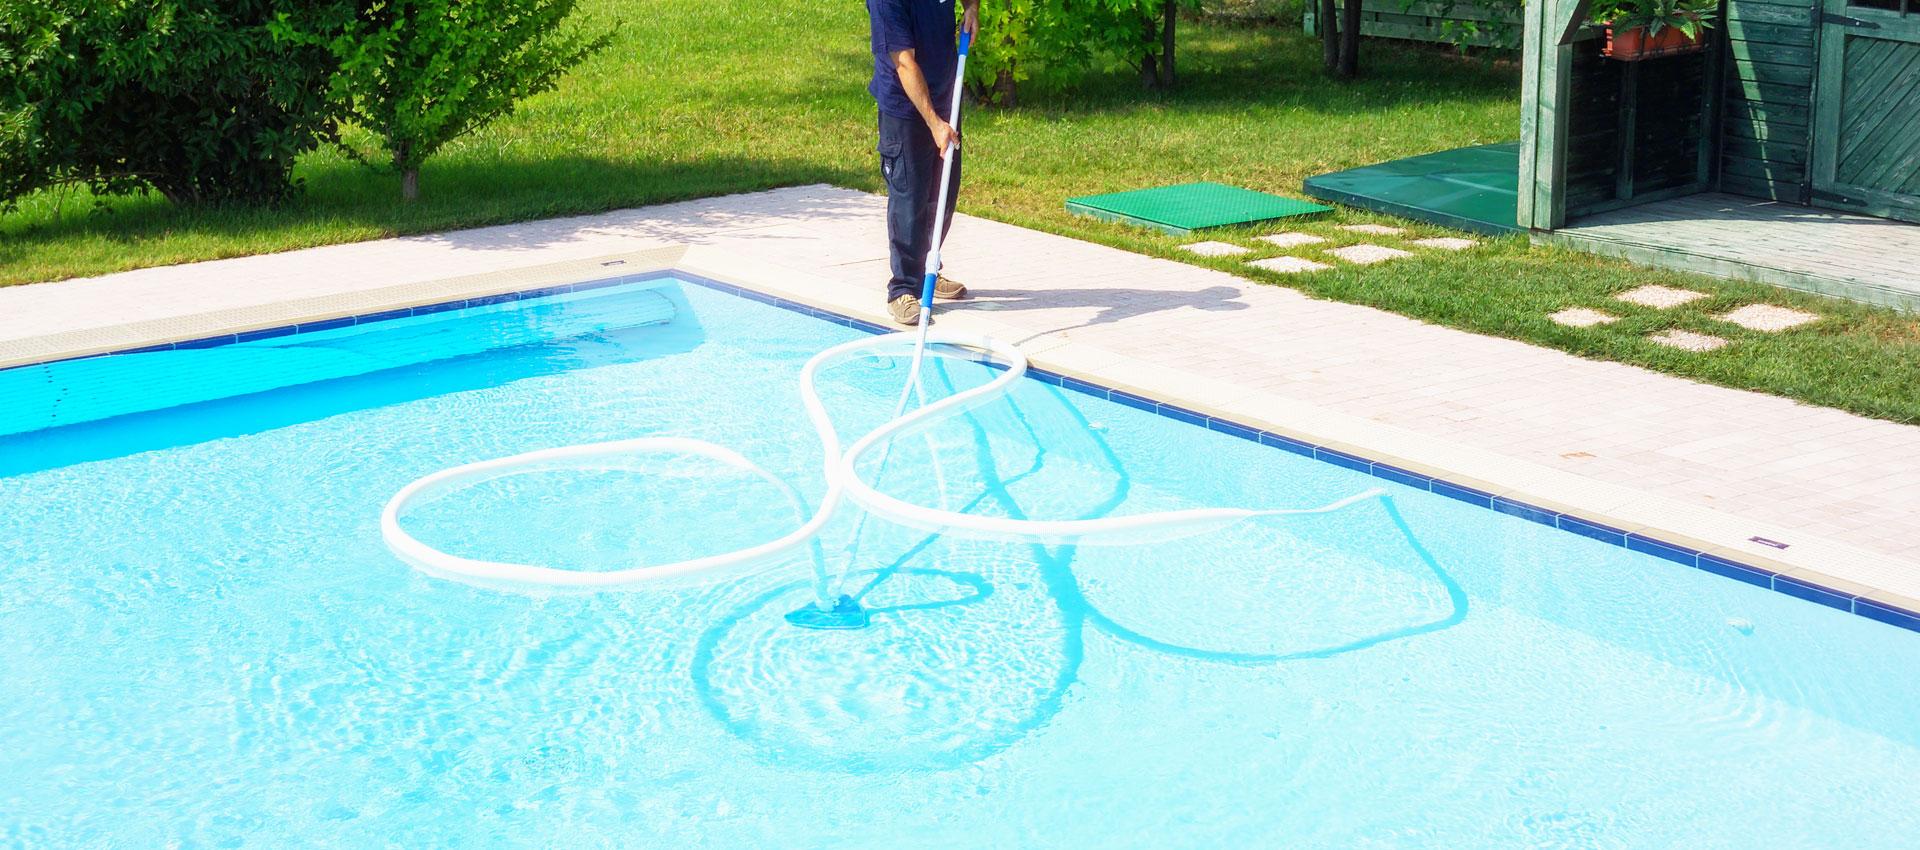 Sistemi di pulizia robot e filtri piscine castiglione - Filtri per piscine ...